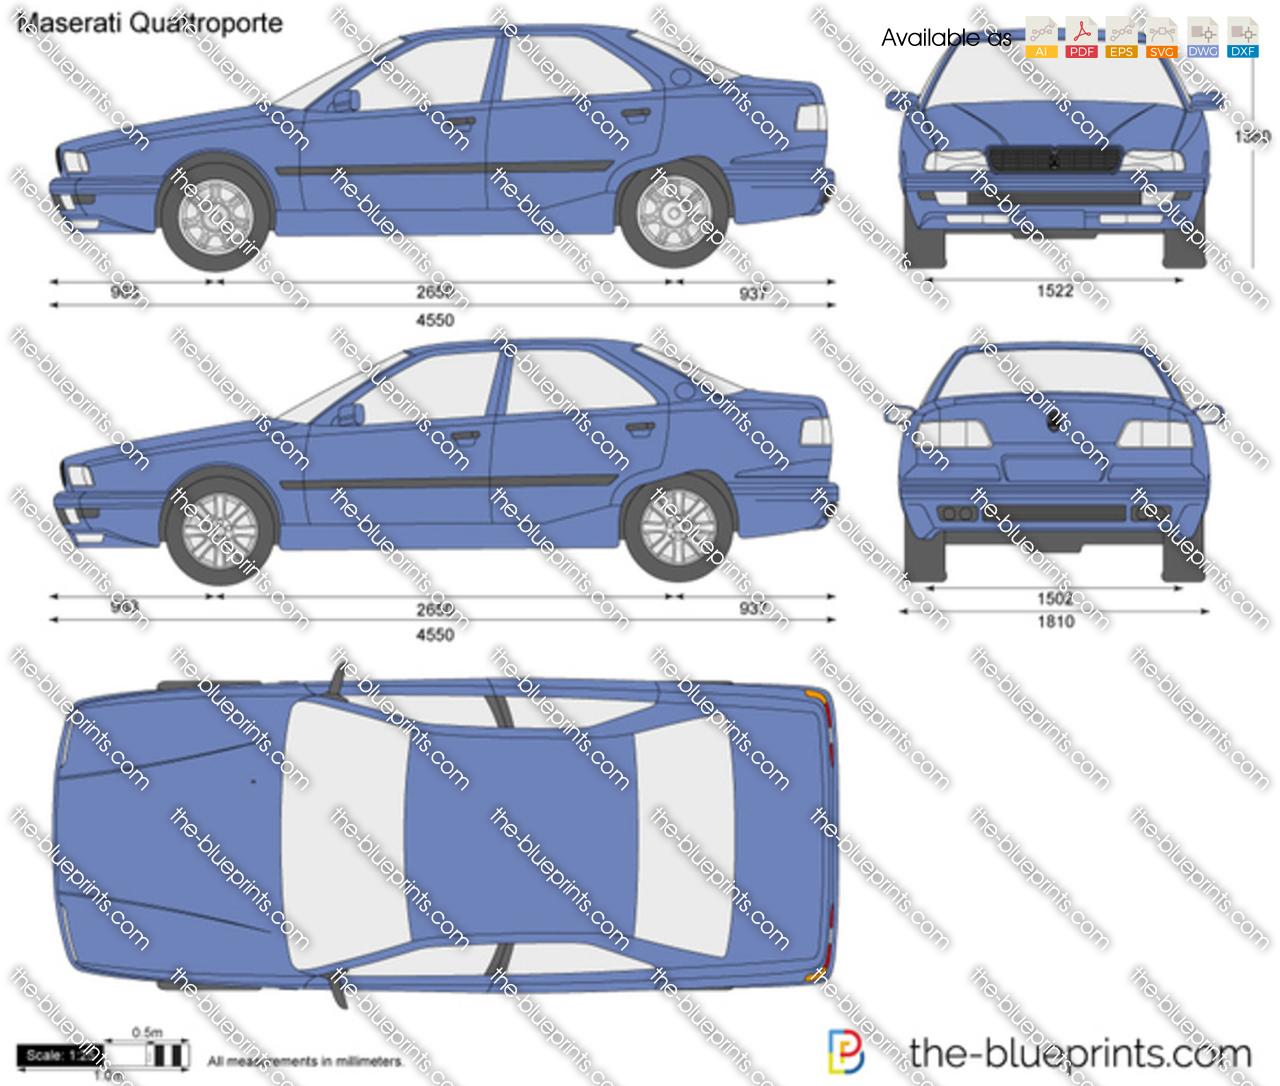 Maserati Quattroporte 1997